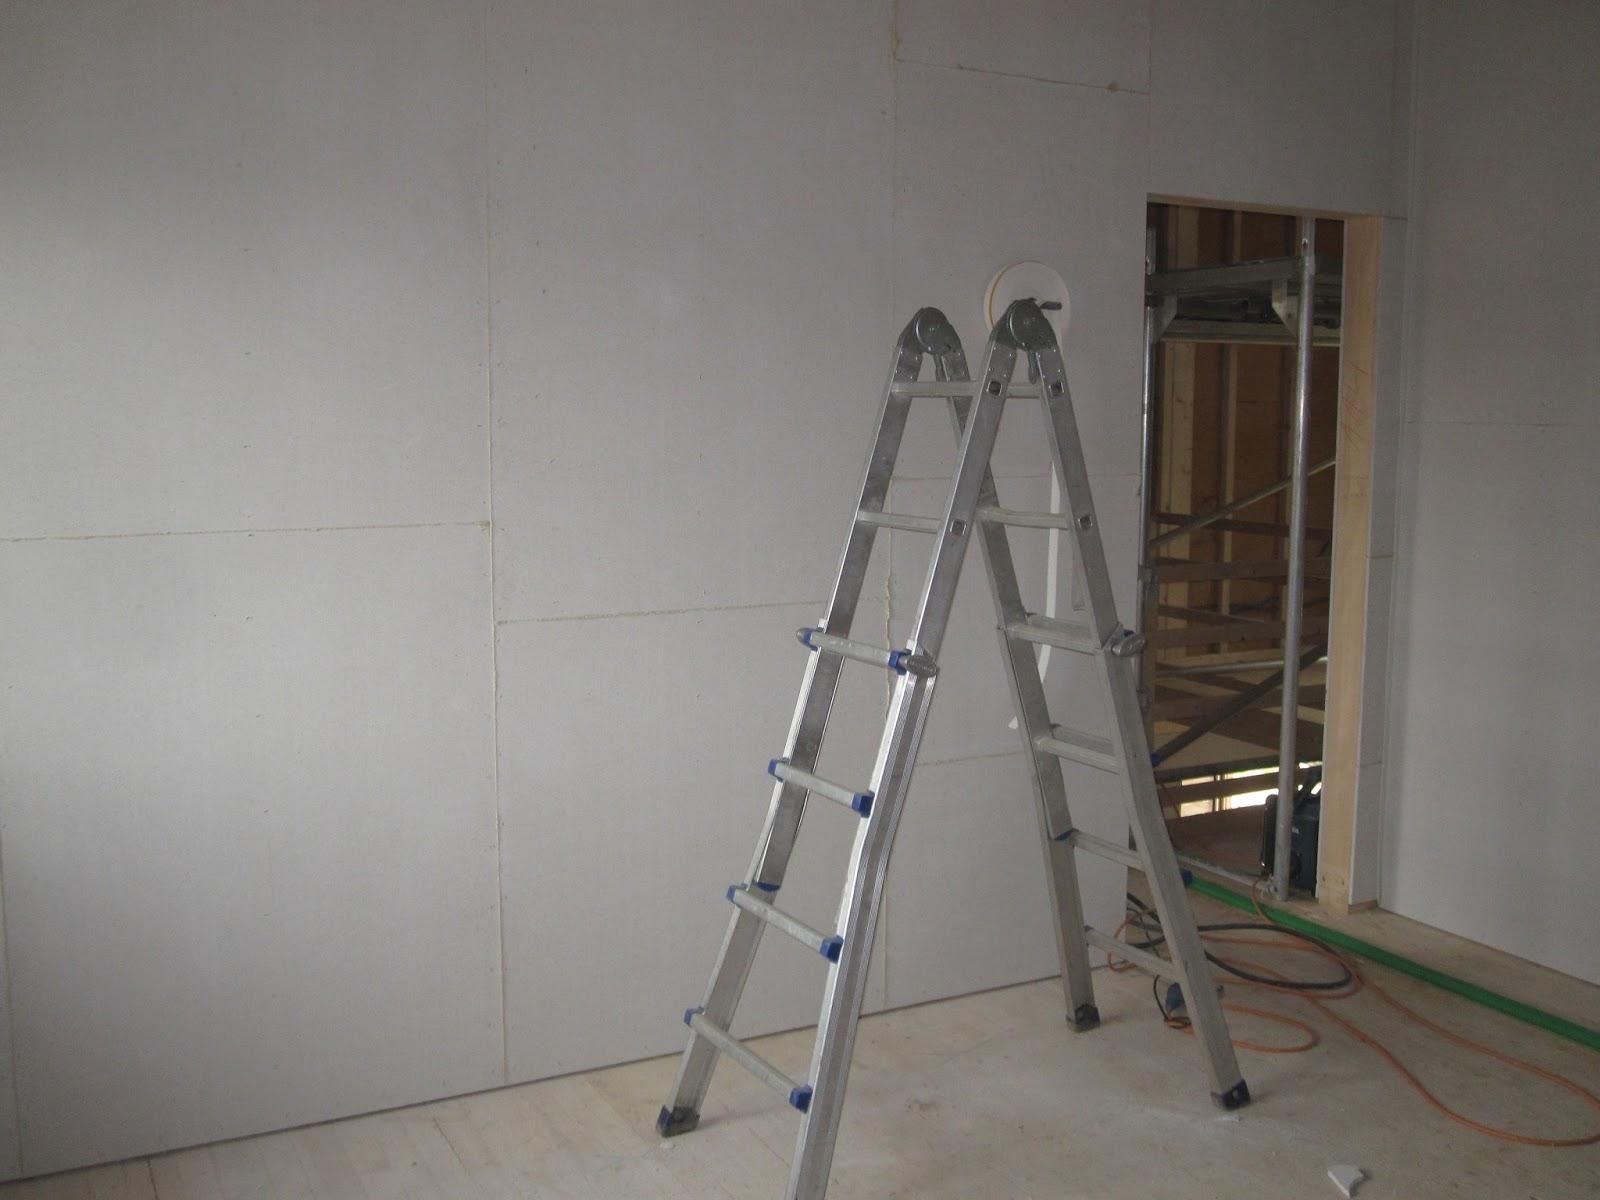 holzhaus wir bauen ein haus aus holz zwischenw nde isolieren. Black Bedroom Furniture Sets. Home Design Ideas